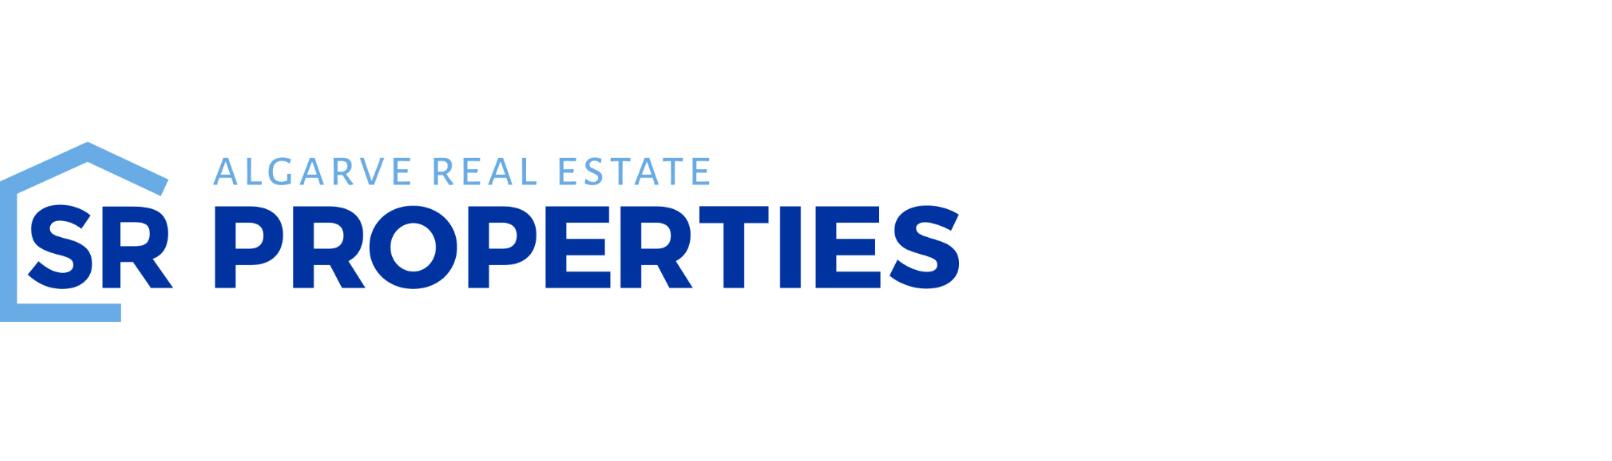 SR Properties Algarve - Guia Imobiliário